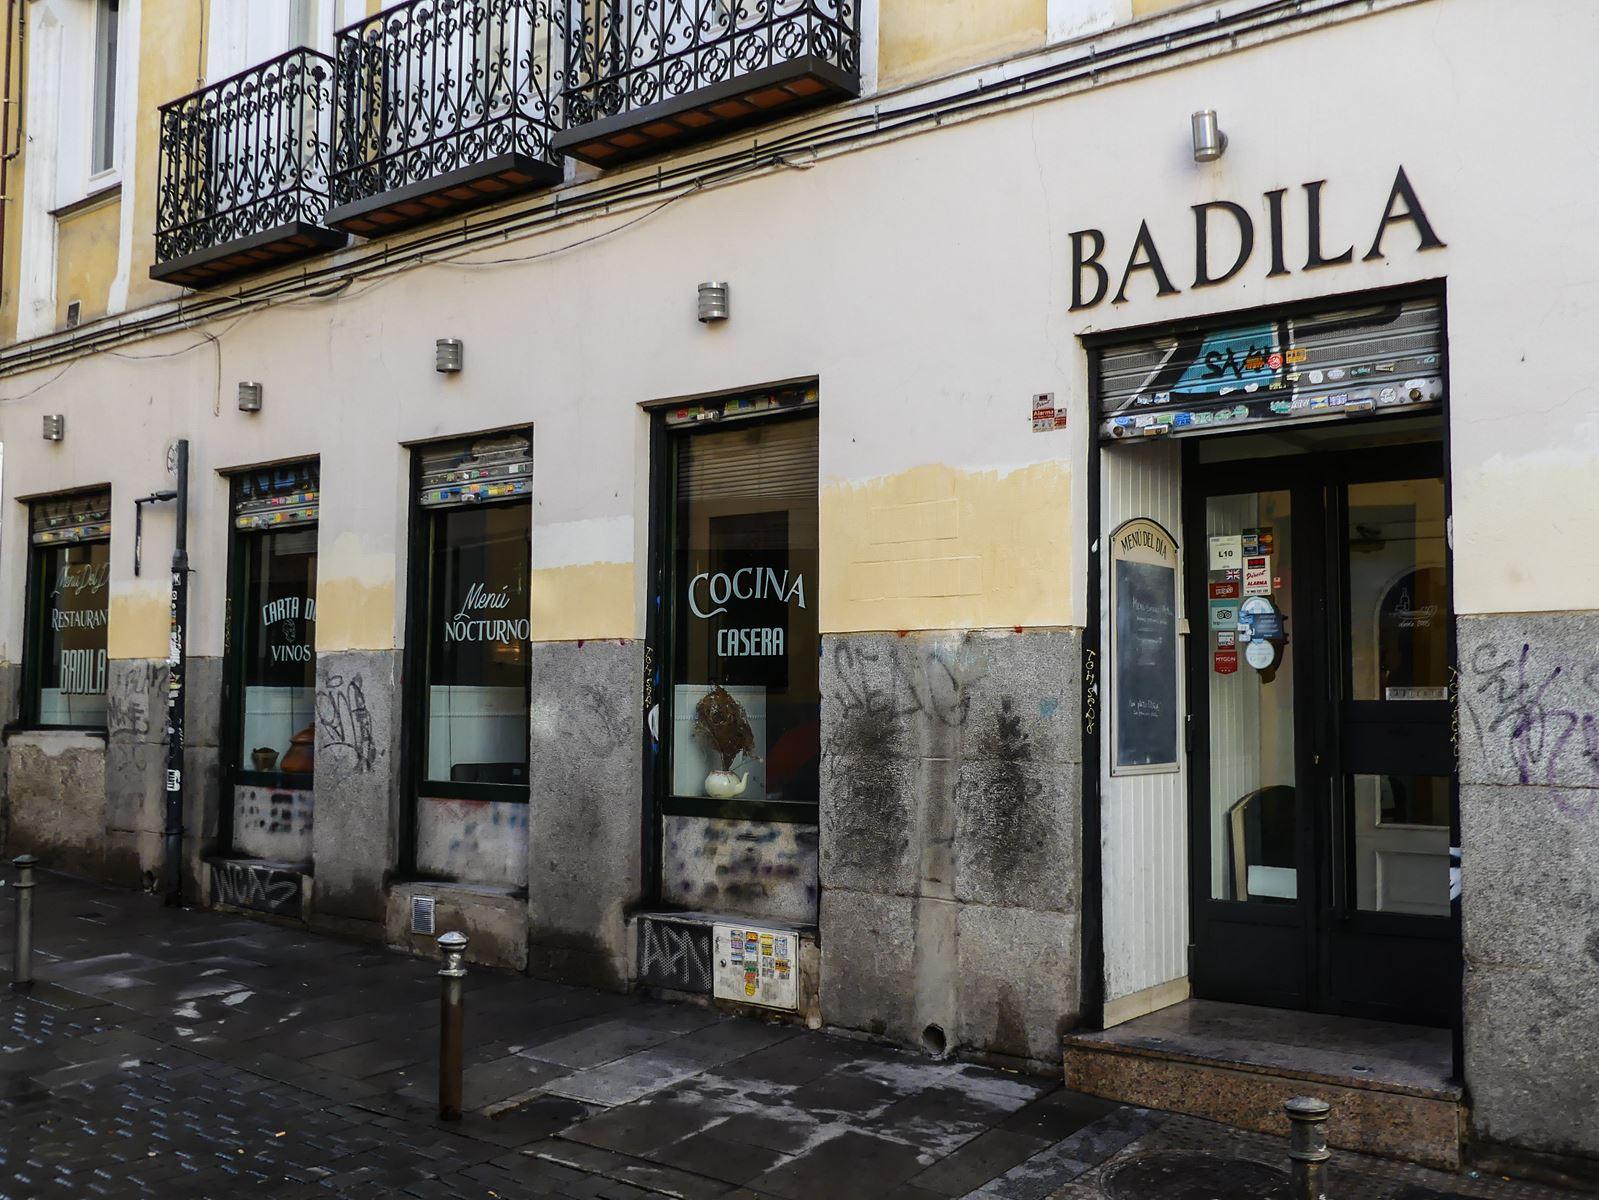 madrid-claironyva-restaurant badila